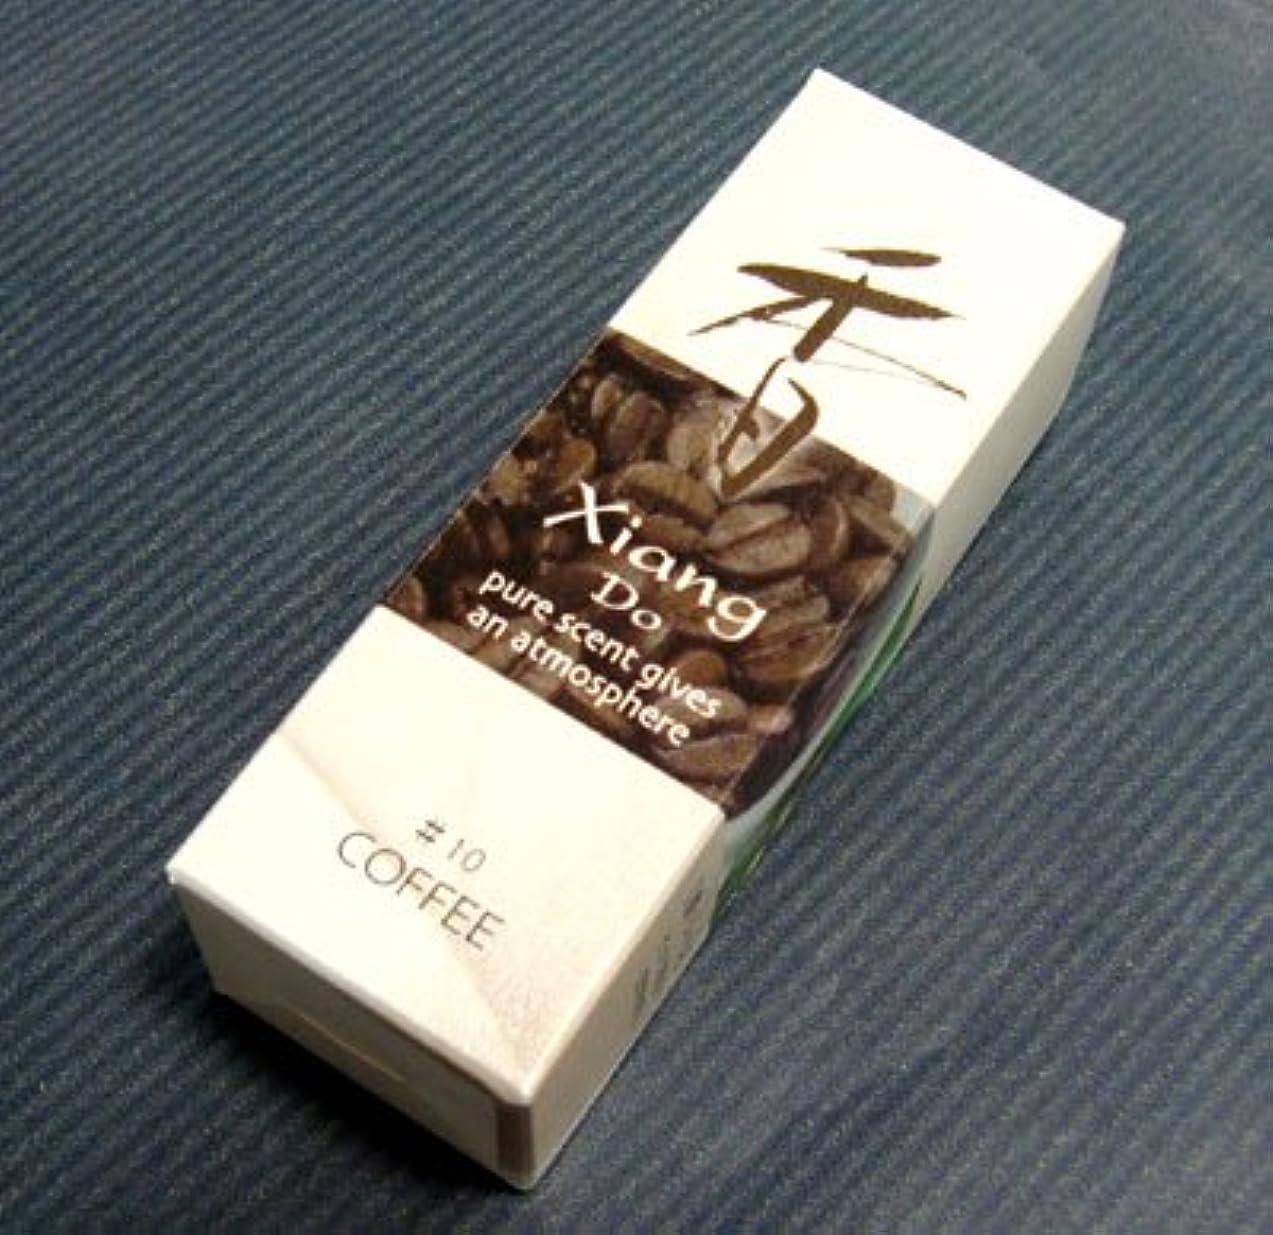 中性パッチ問い合わせるコクと苦味のコーヒーの香り 松栄堂【Xiang do コーヒー】スティック 【お香】